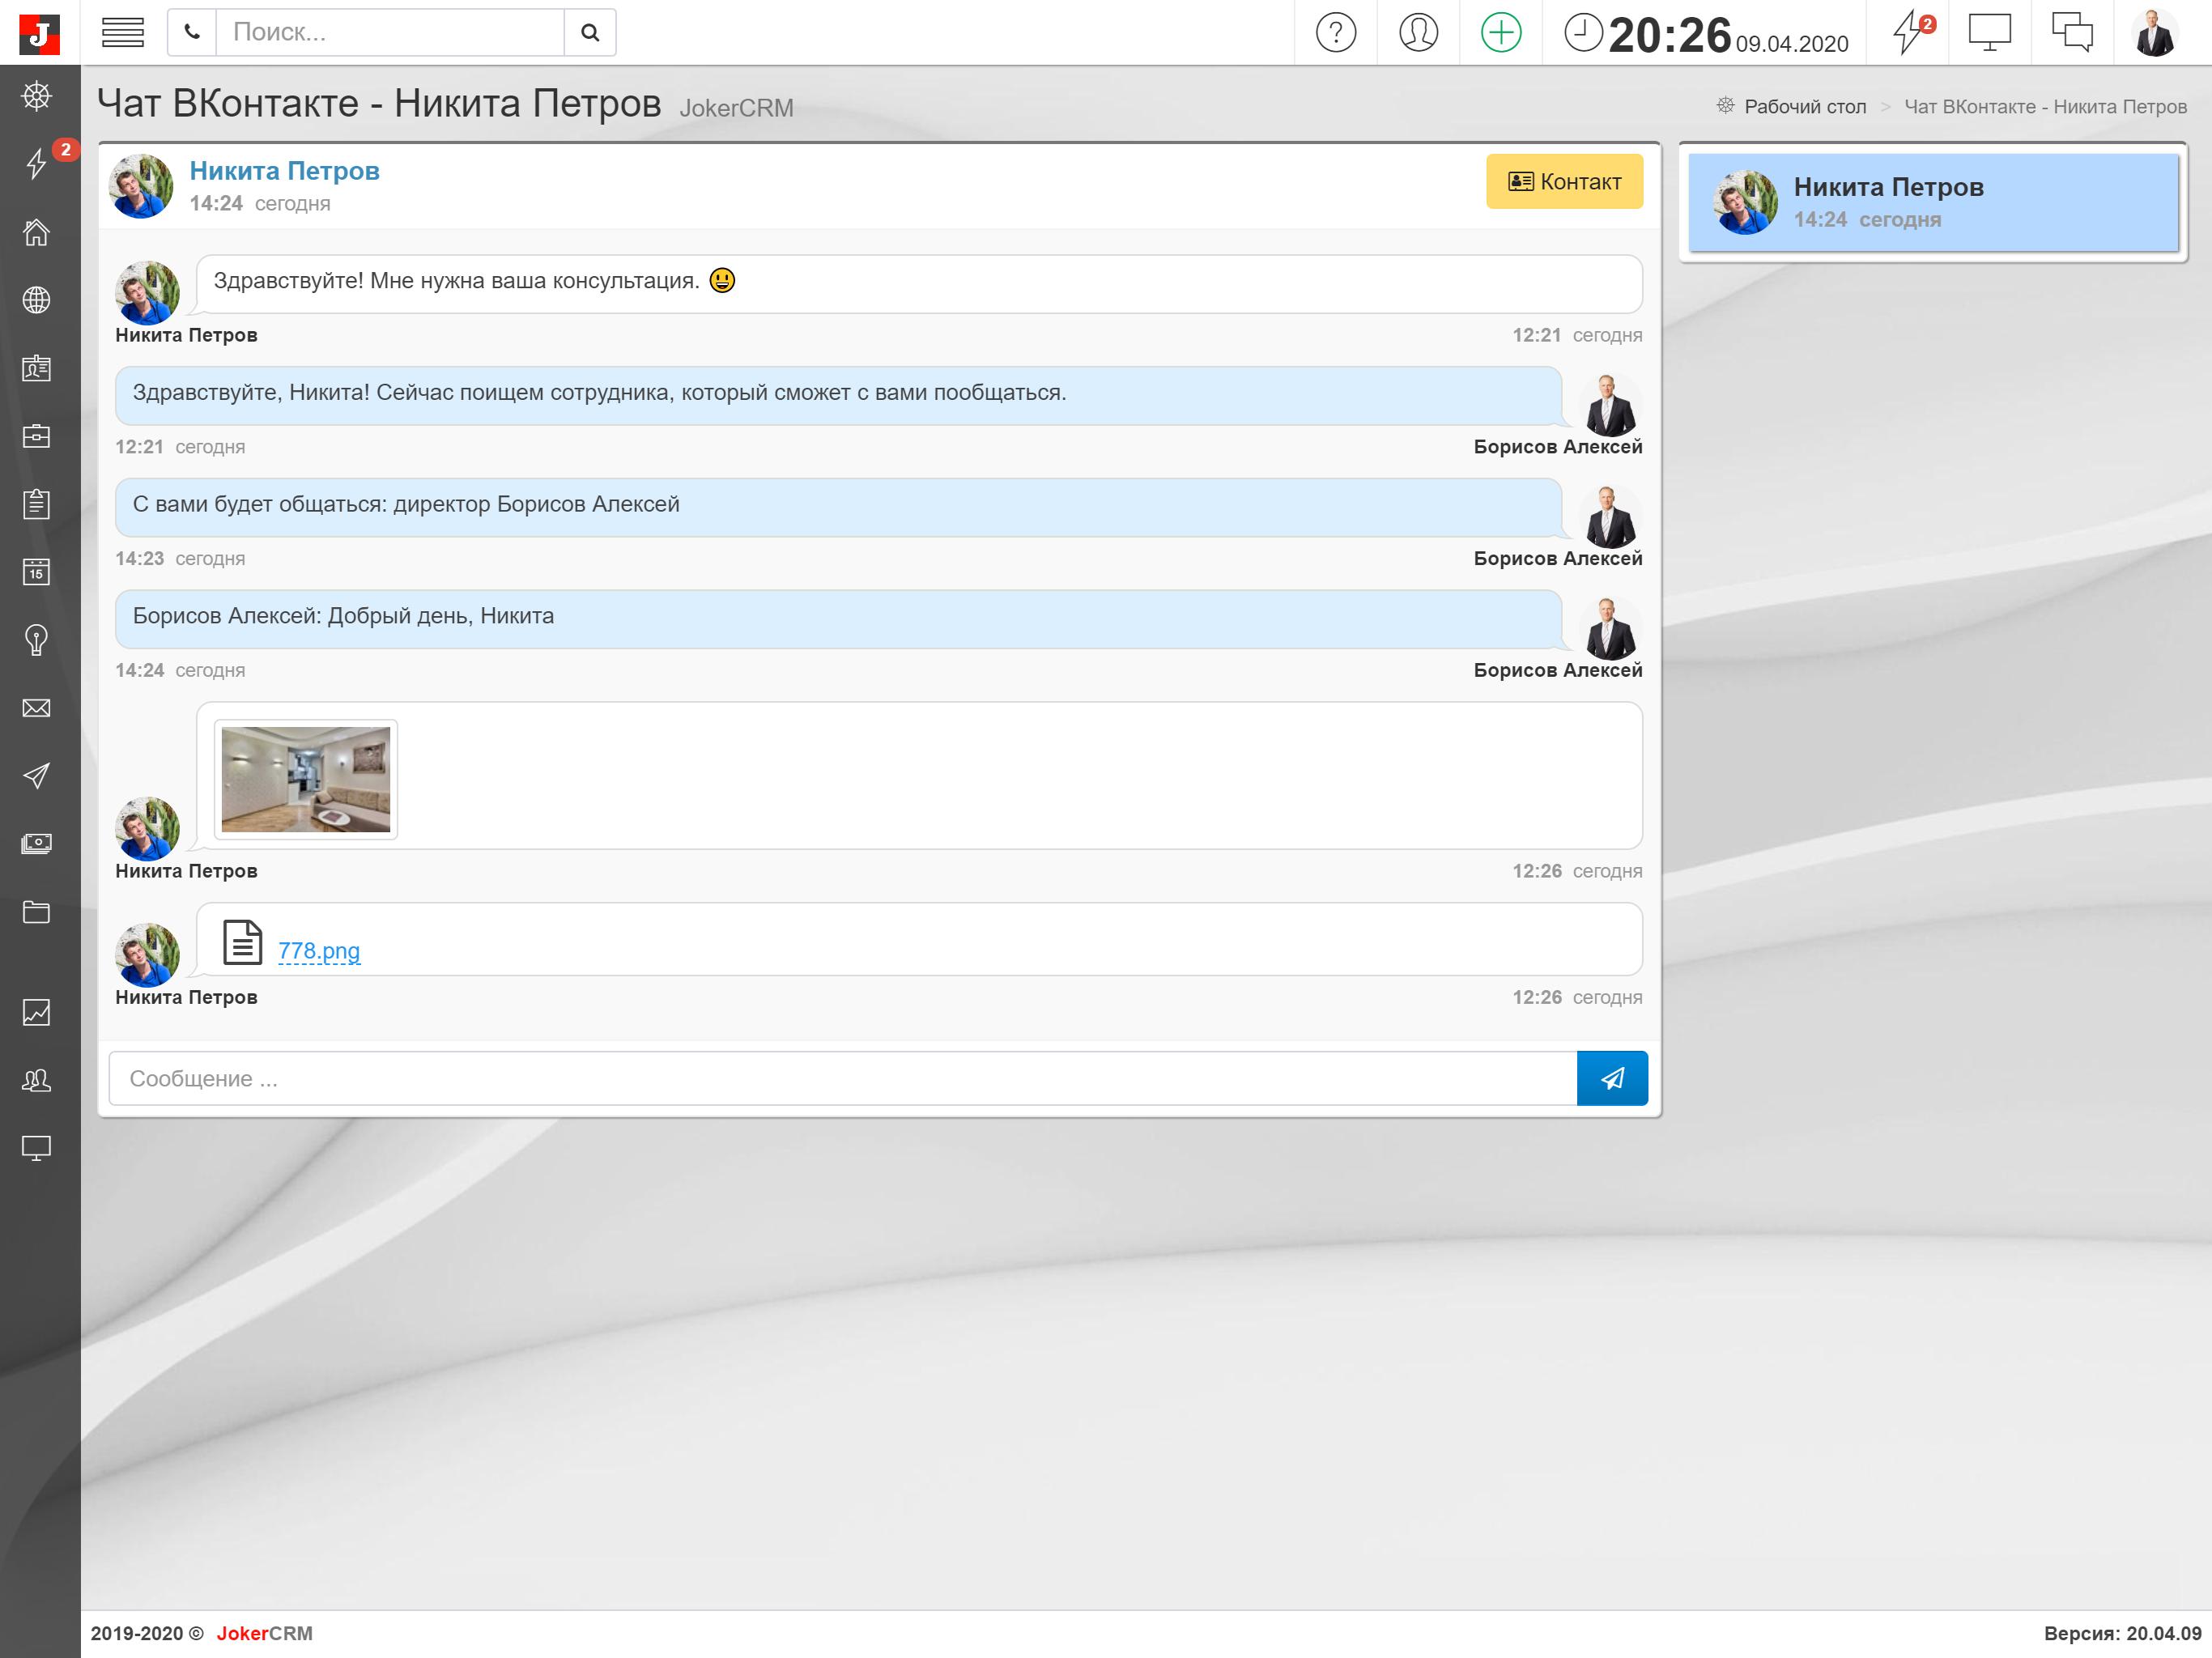 Диалог с посетителем ВКонтакте